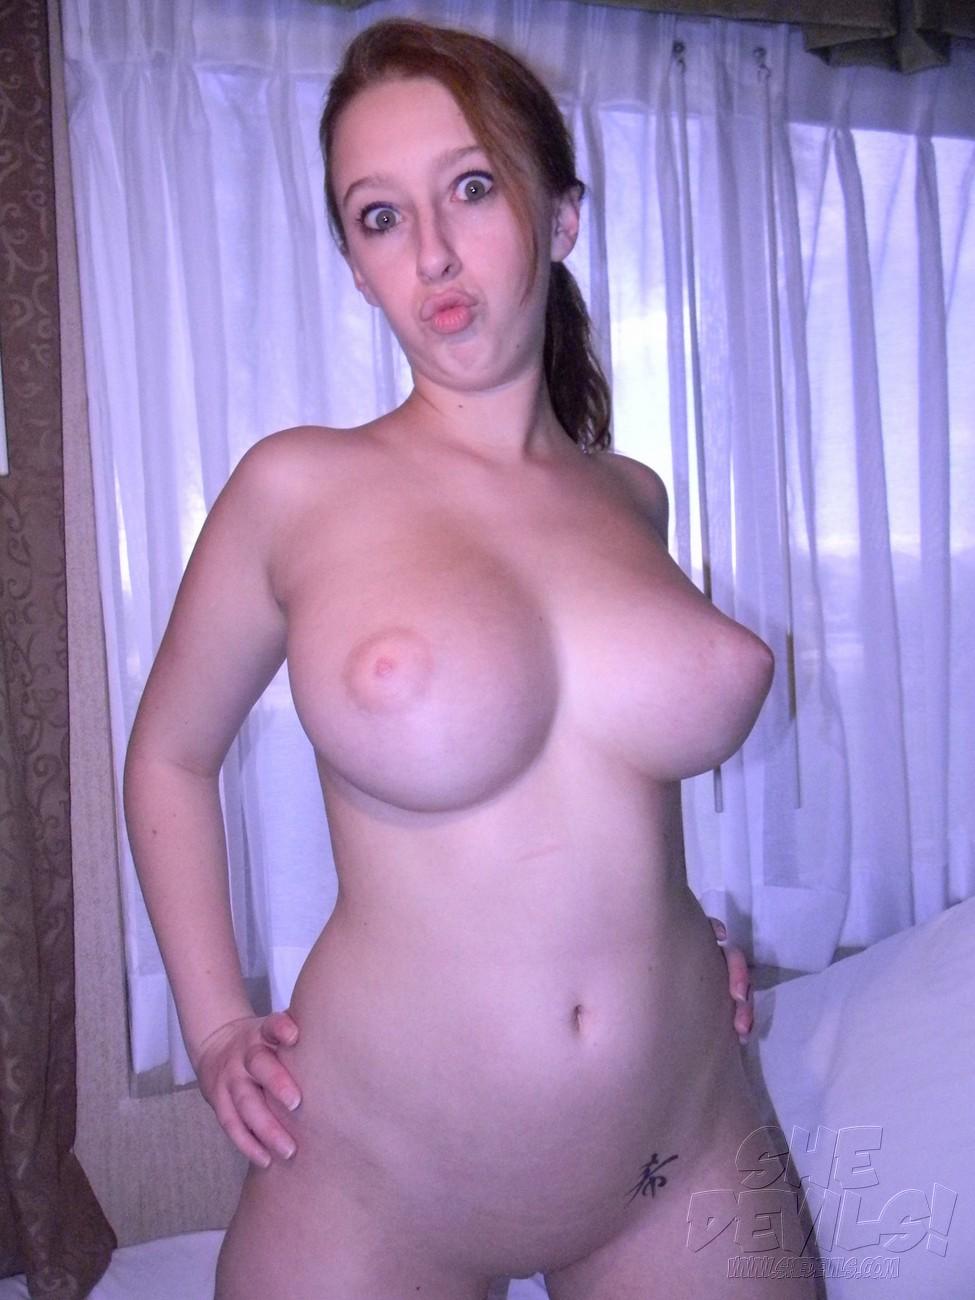 tits natural Felicia big